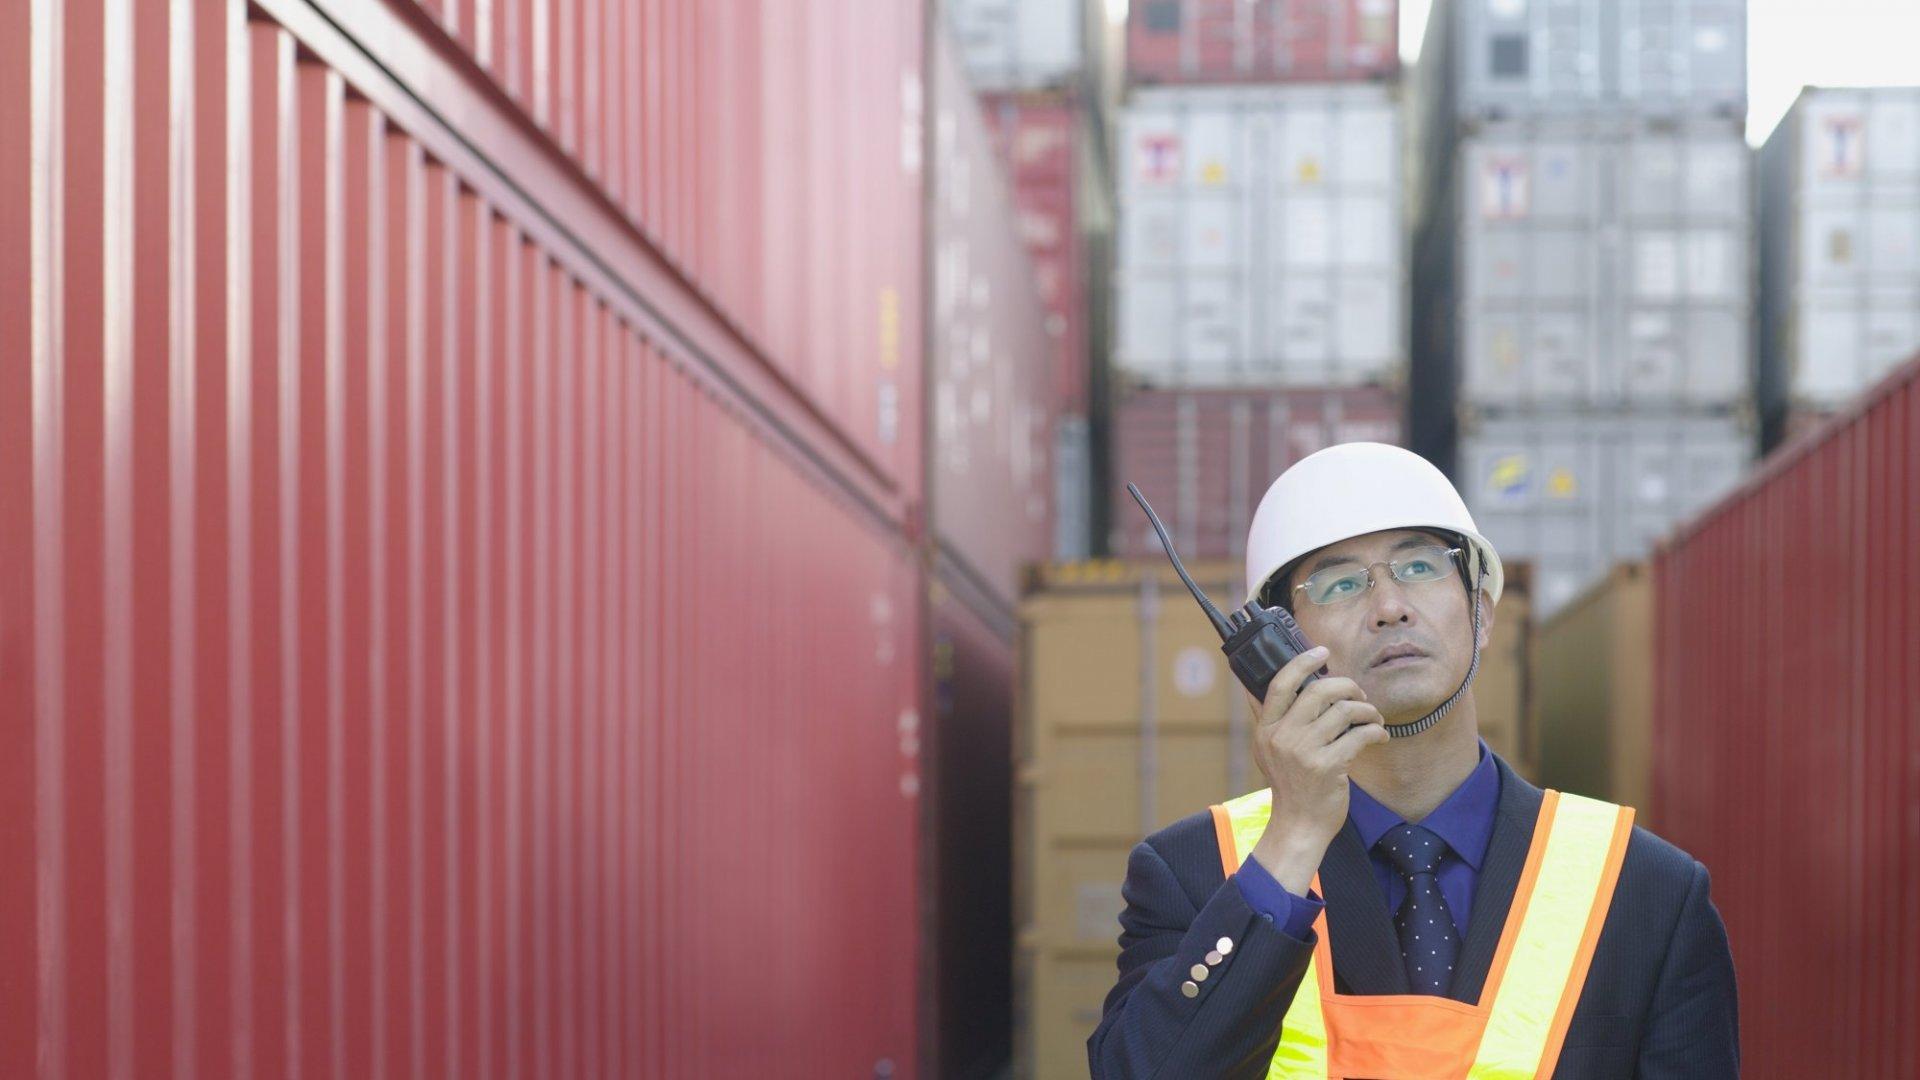 West Coast Dockworker Standoff Intensifies